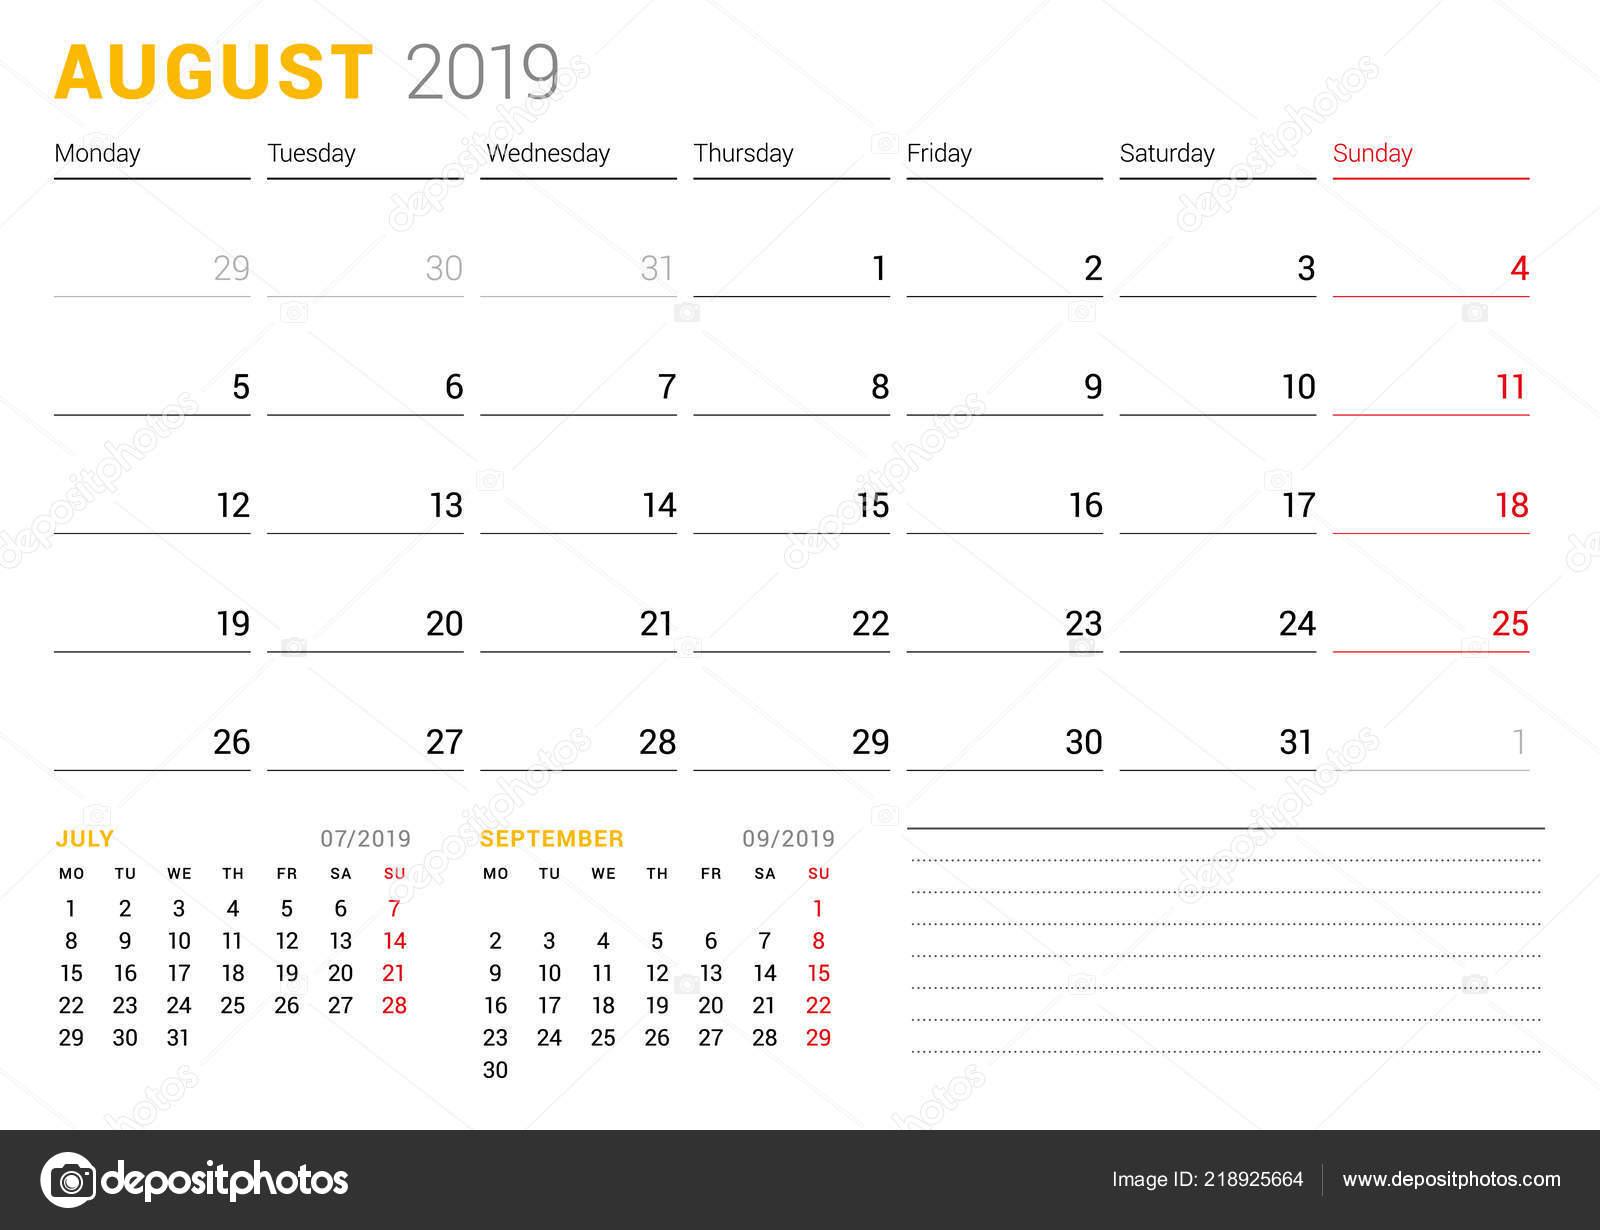 Calendrier Mois Aout 2019.Modele Calendrier Pour Aout 2019 Plan Affaires Conception